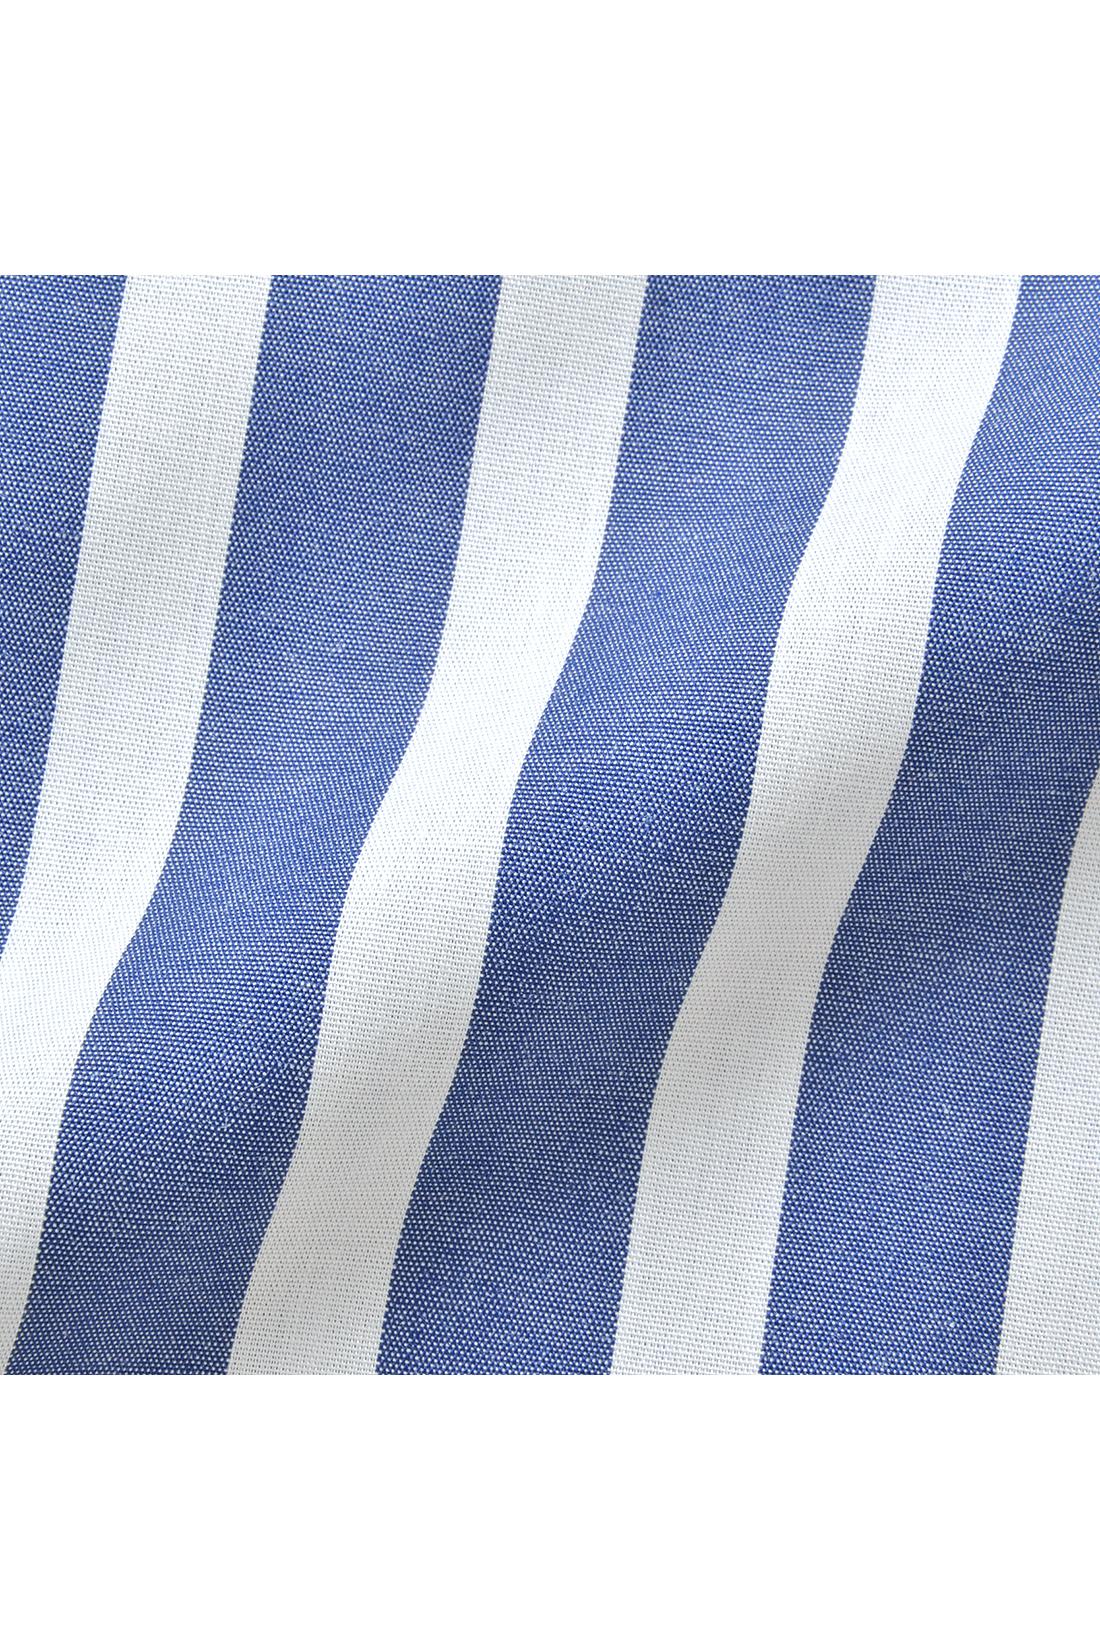 さらりと張り感のある凛(りん)とした綿混のシャツ地は、うれしい形態安定加工済み。洗濯後もアイロンいらずできりりと着られます。